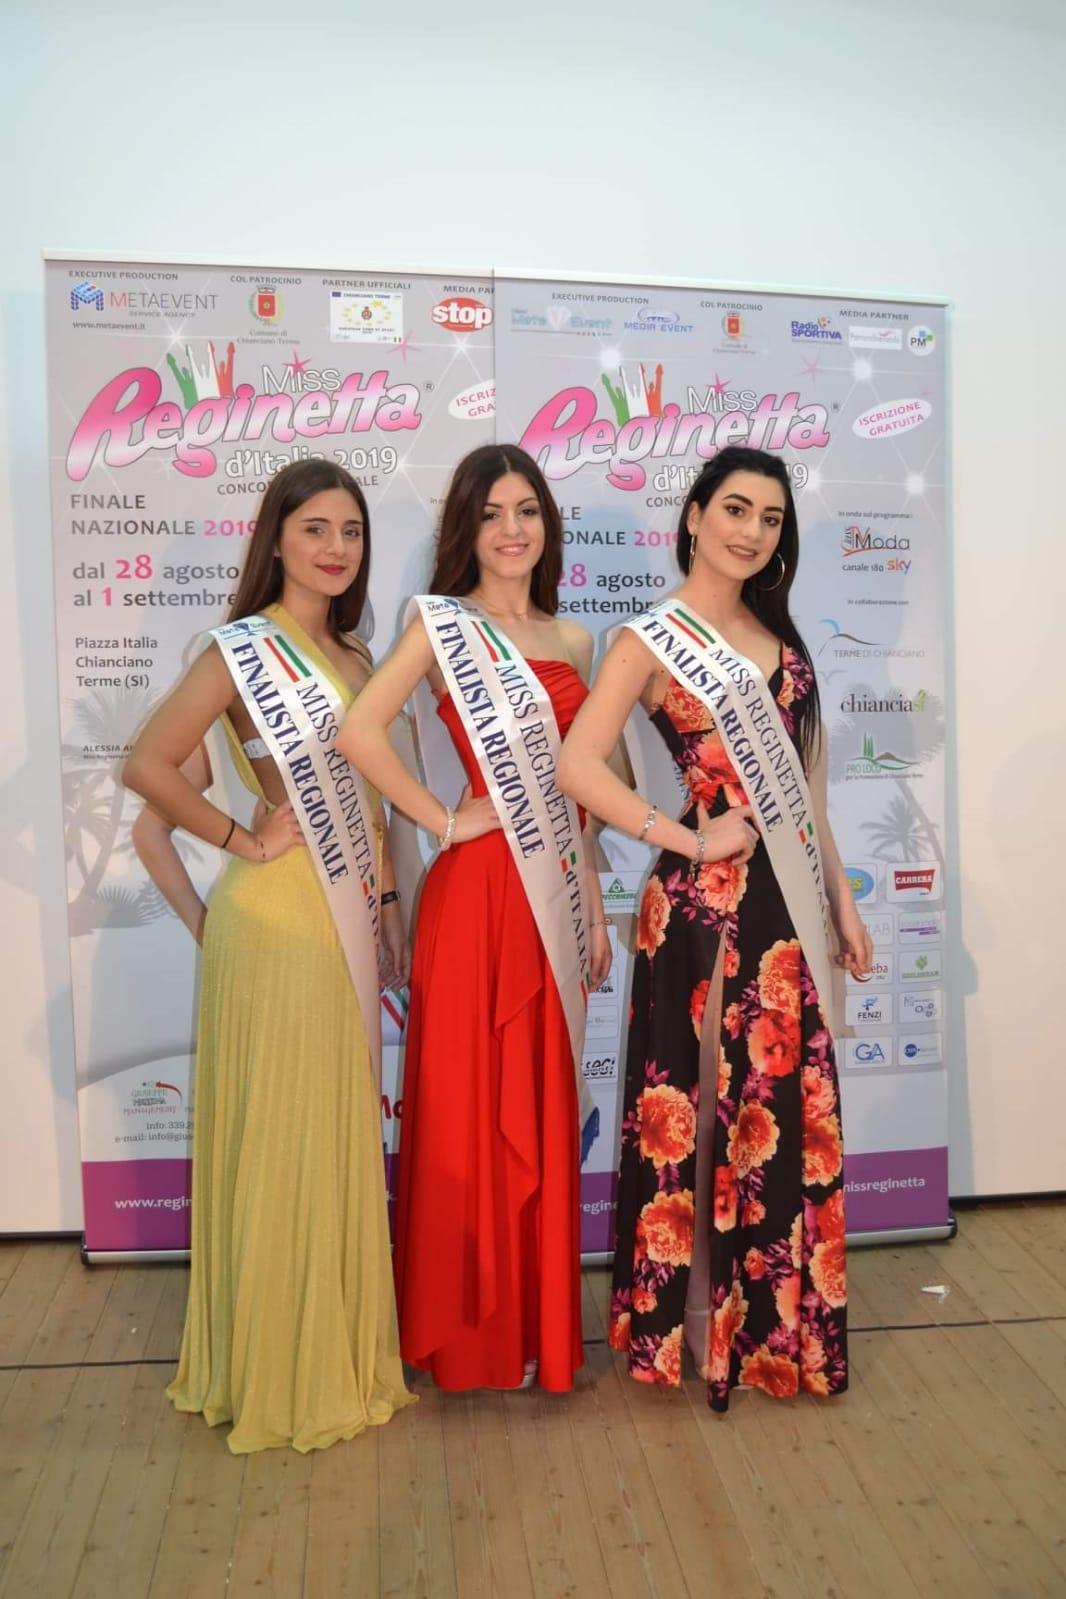 Appuntamento con la moda dei tuoi sogni: Miss Reginetta d'Italia e Miss Reginetta d'Italia Over